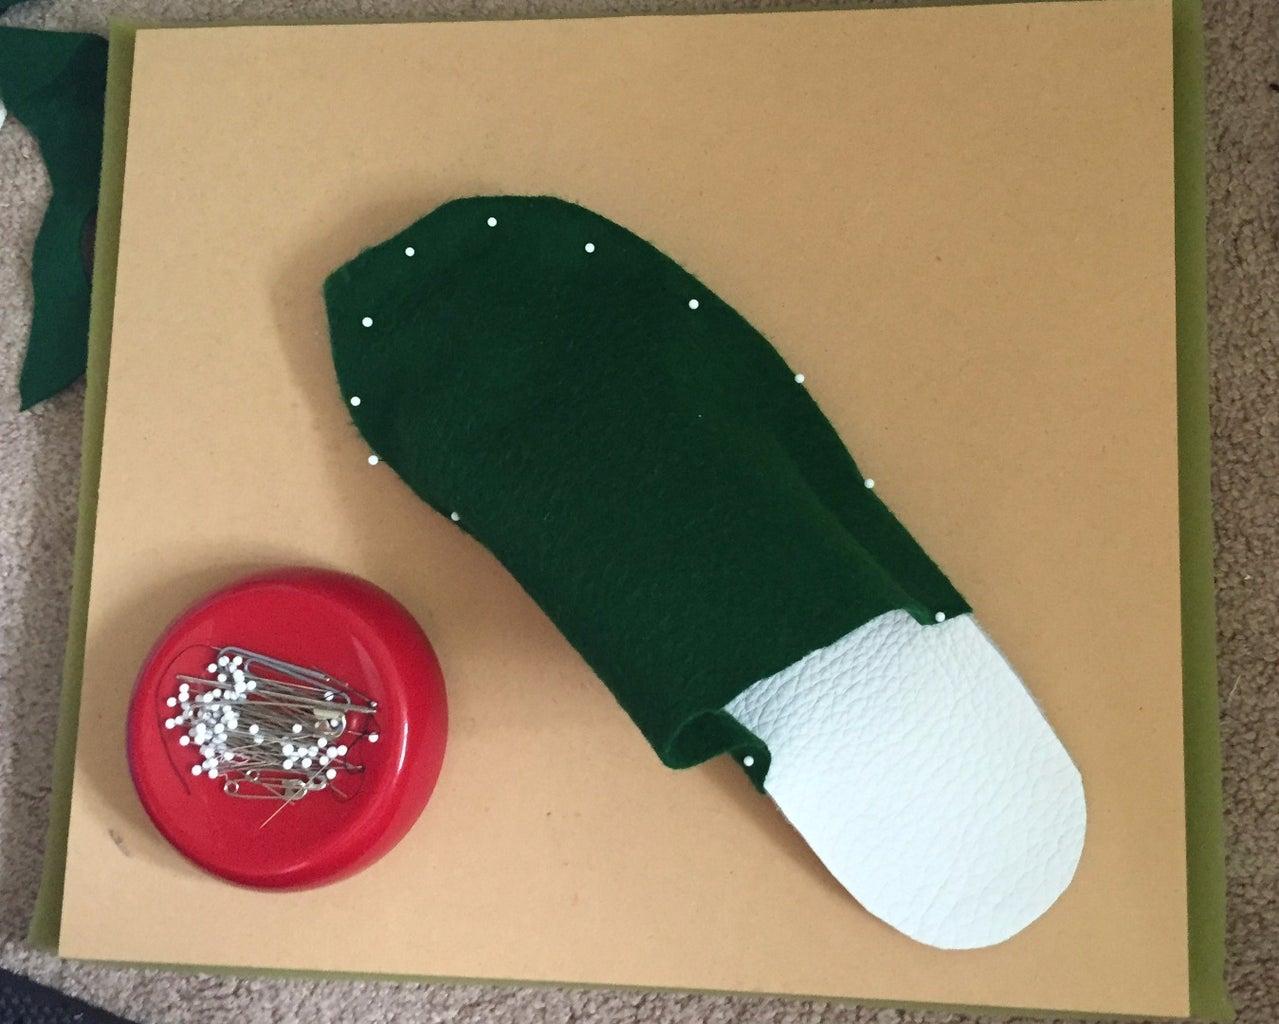 Step 4: Remove Slipper